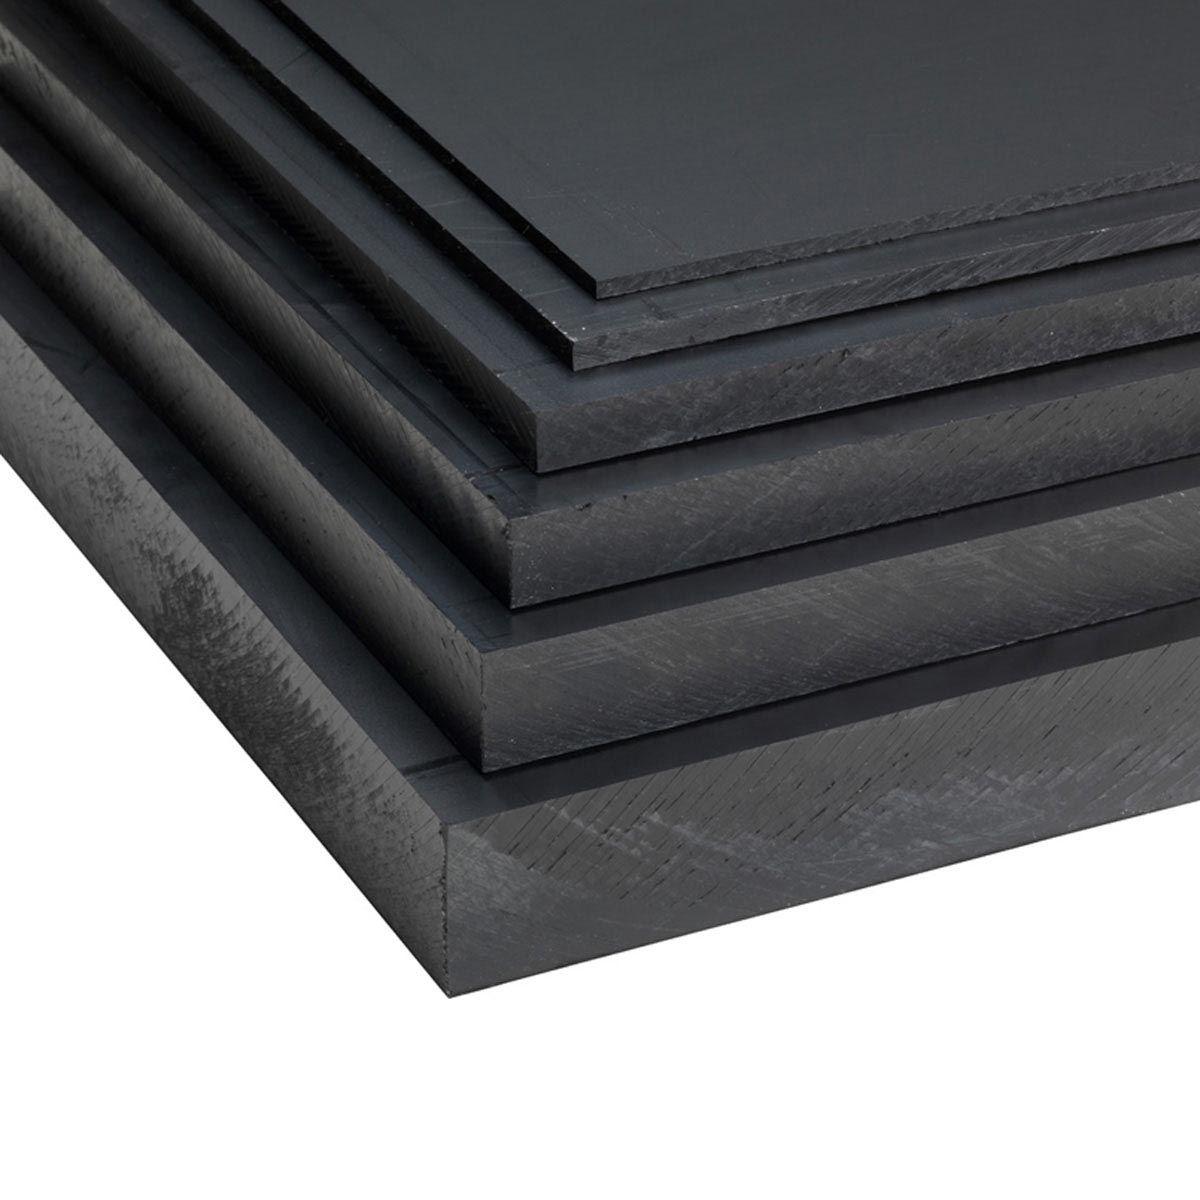 Plaques en PE, en PE, noir, 2000 x 1000 x 3 mm, PE 80, 2.91 kg/m2